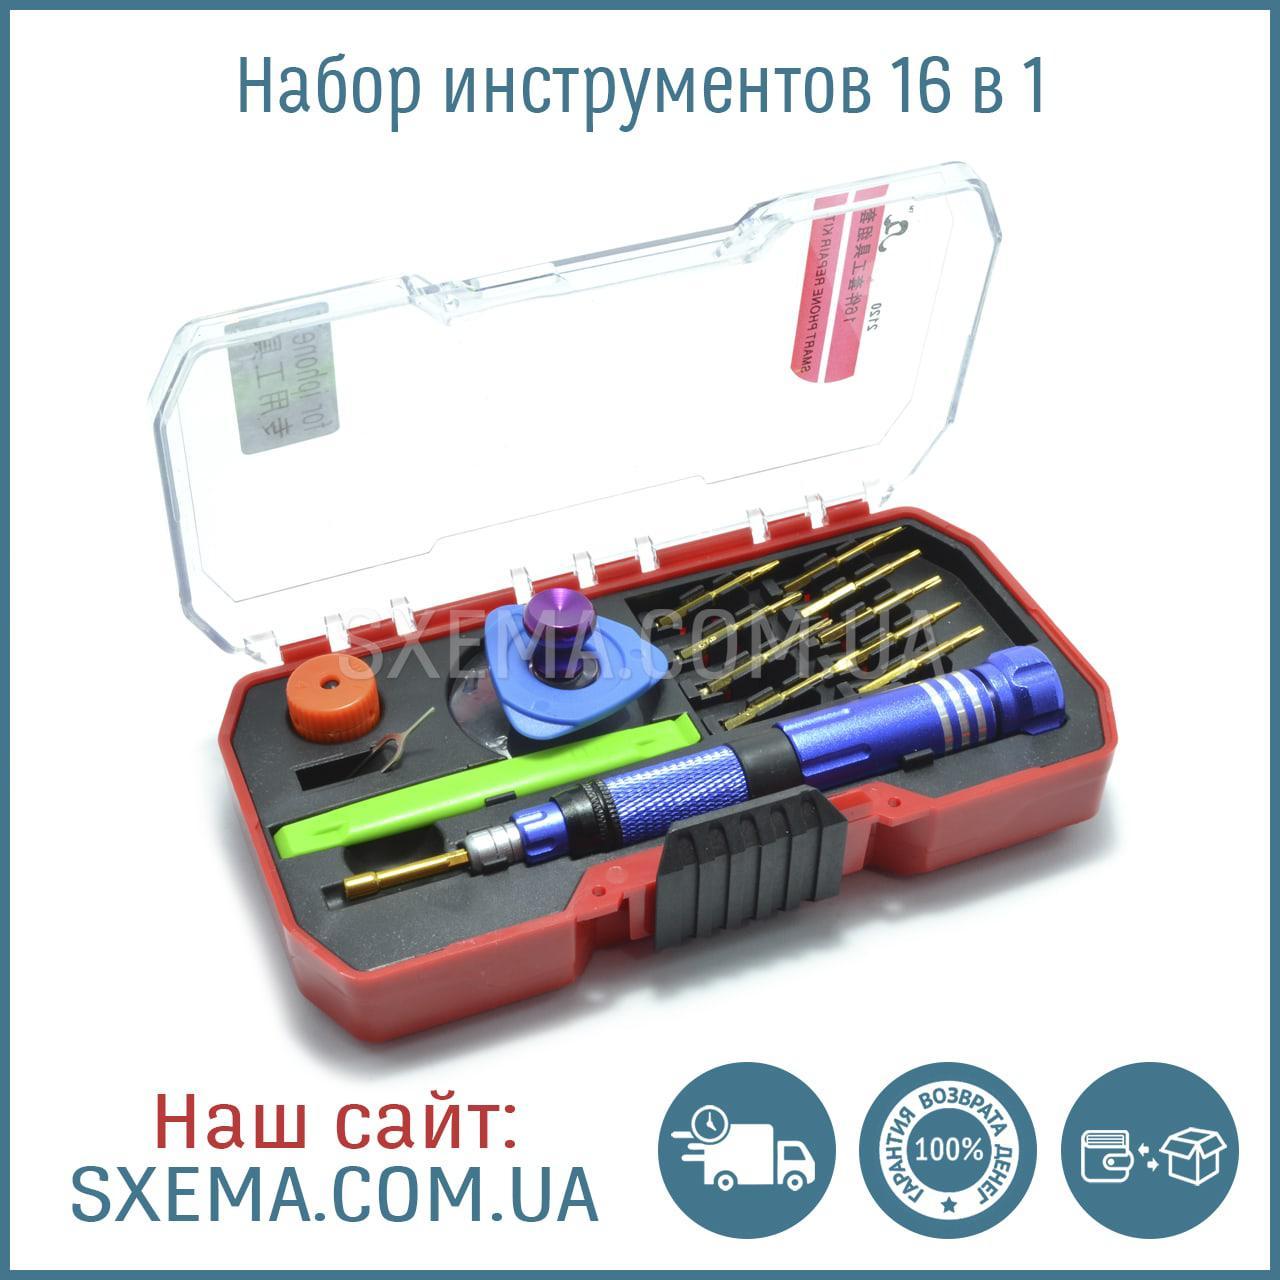 Профессиональный набор инструментов, отвертки Aisilin 2120 16в1 для телефонов и ноутбуков